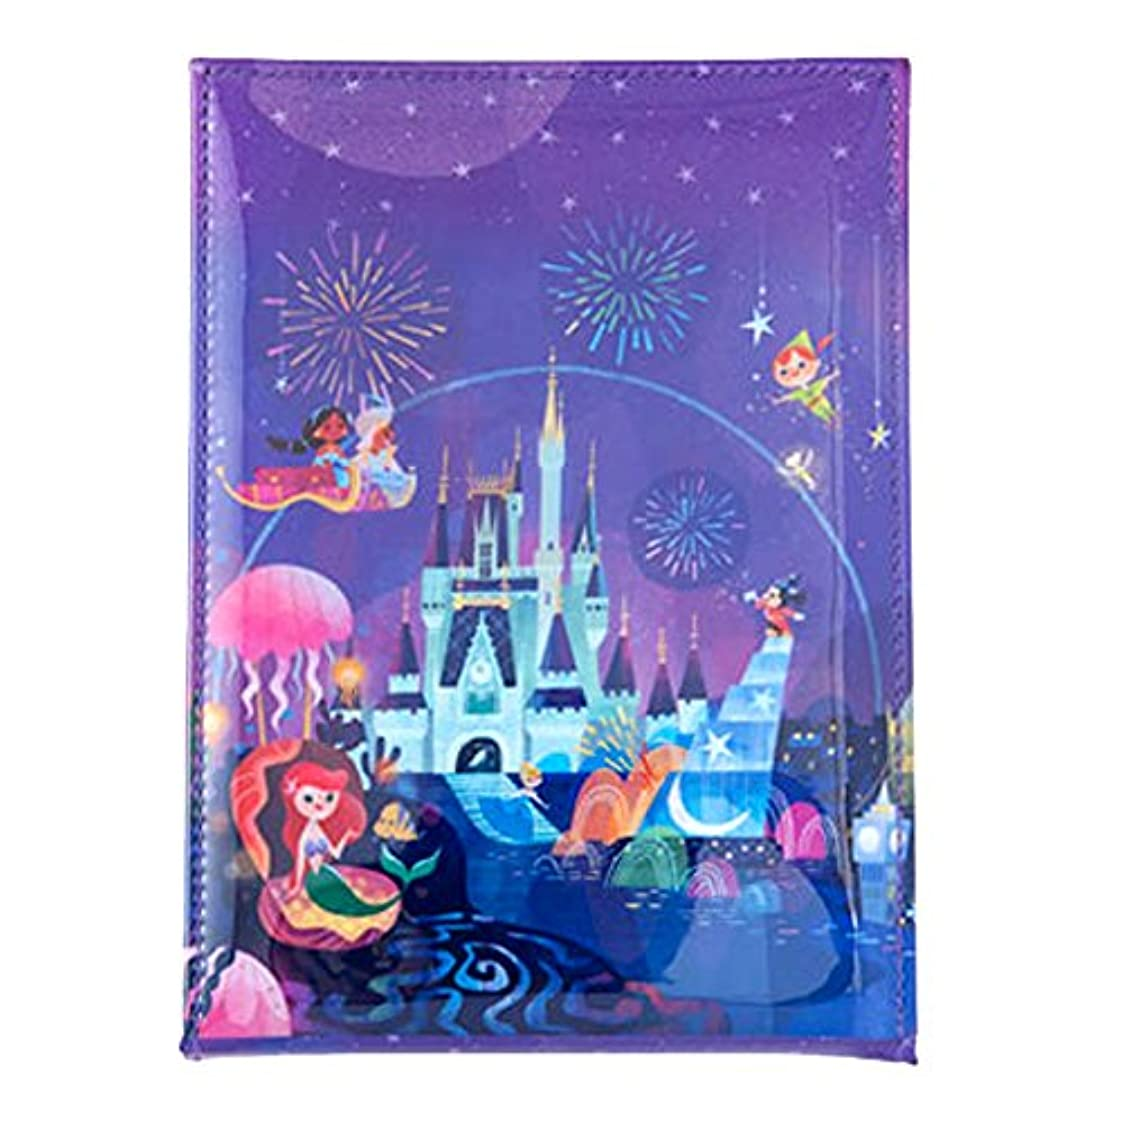 乗算不明瞭固有の夜空ファンタジー風 スタンド 式 ミラー ディズニー 鏡 ミッキー アリエル 他 セレブレーションホテル デザイン リゾート 限定